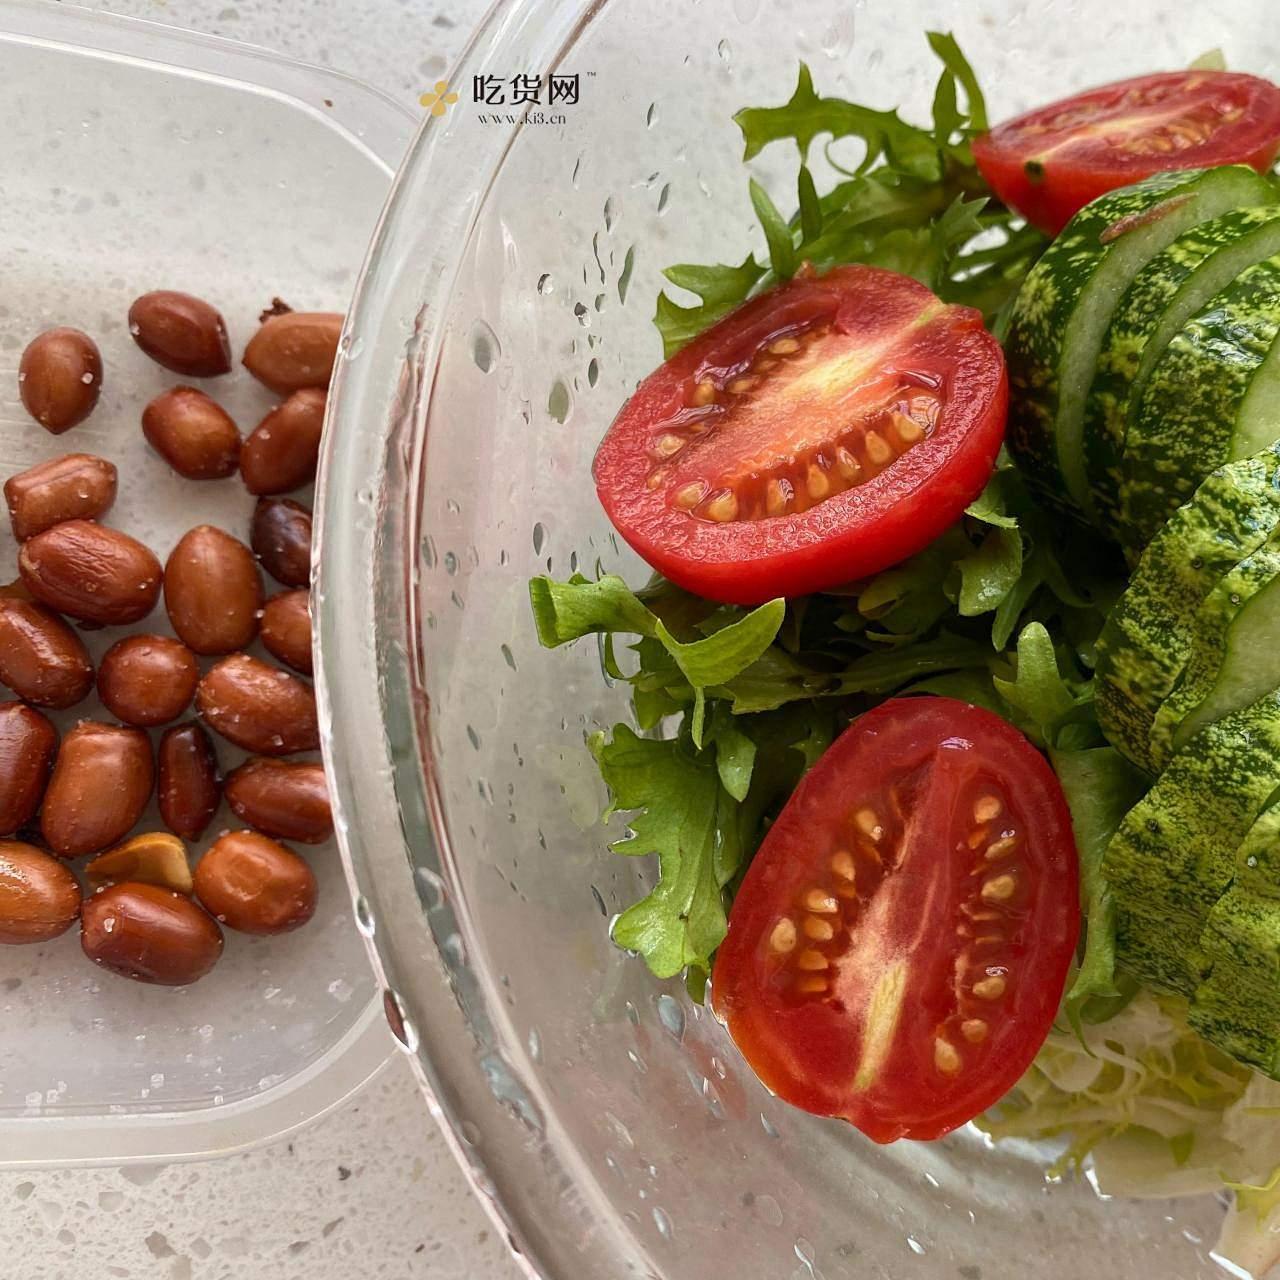 减肥餐:油醋汁拌菜的做法 步骤1